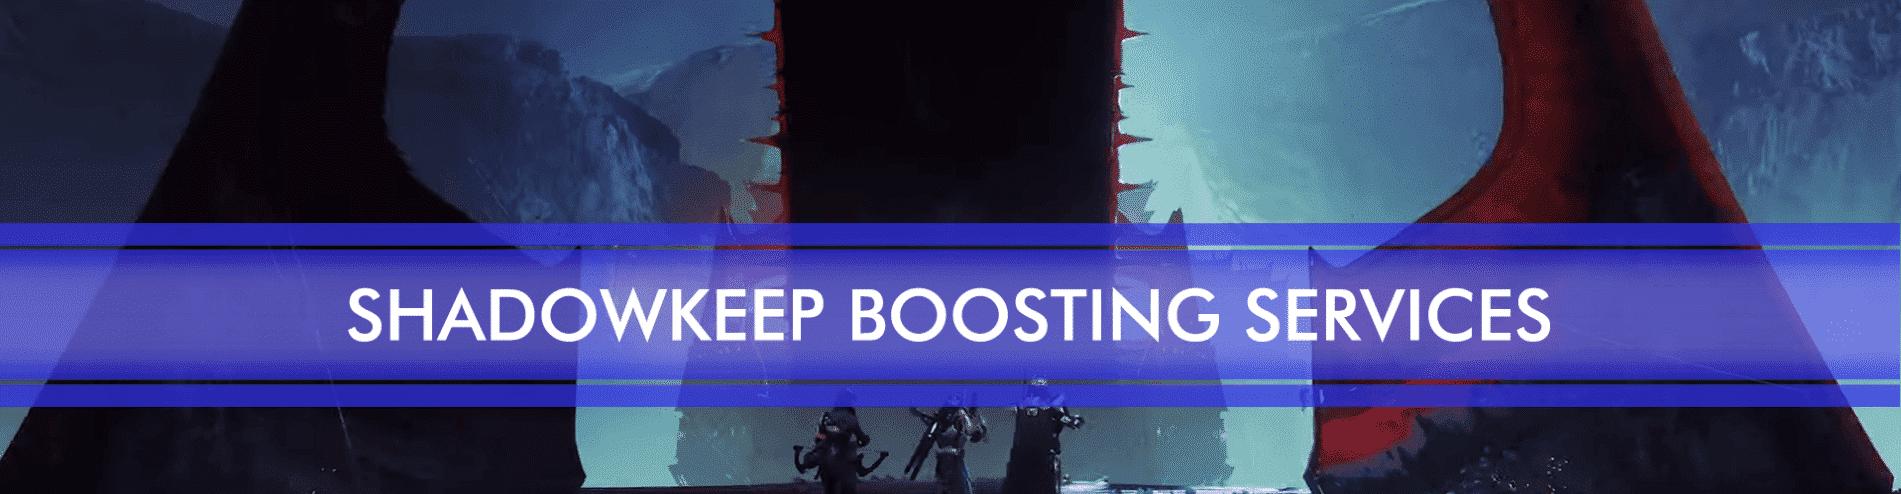 new shadowkeep boosting packages